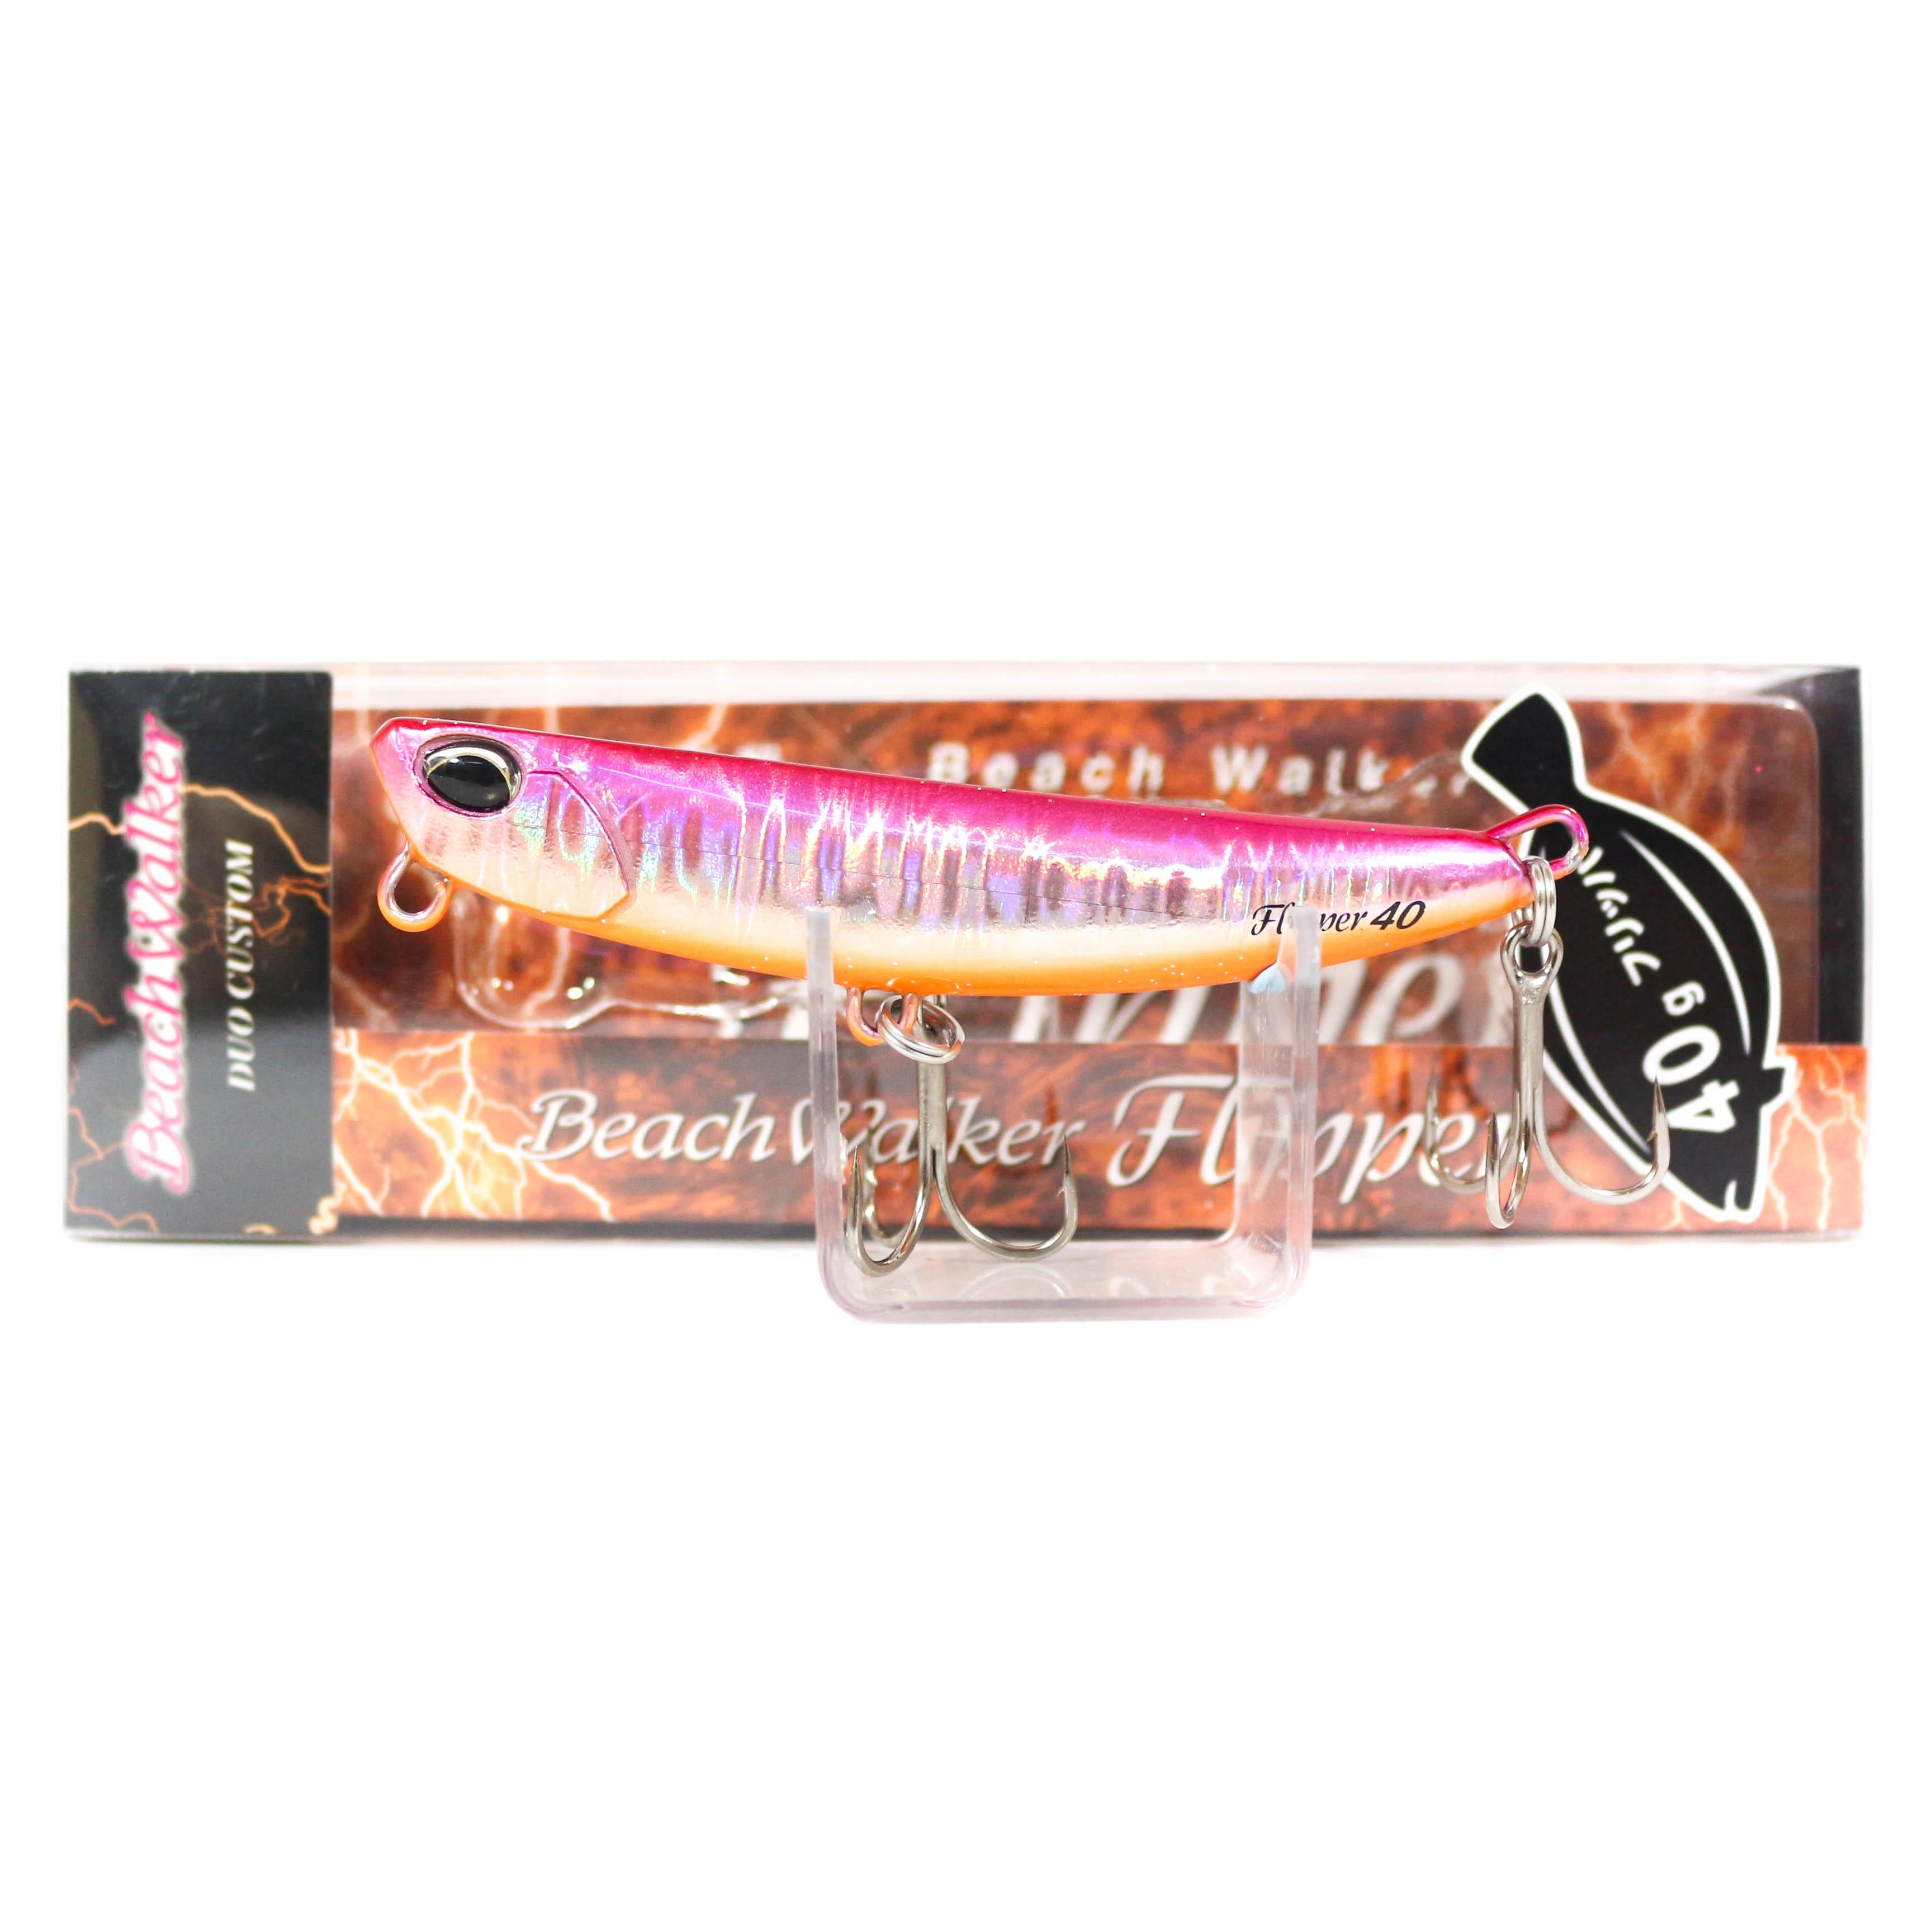 Sale Duo Beach Walker Flipper 40 grams Sinking Lure GPA0437 (5769)